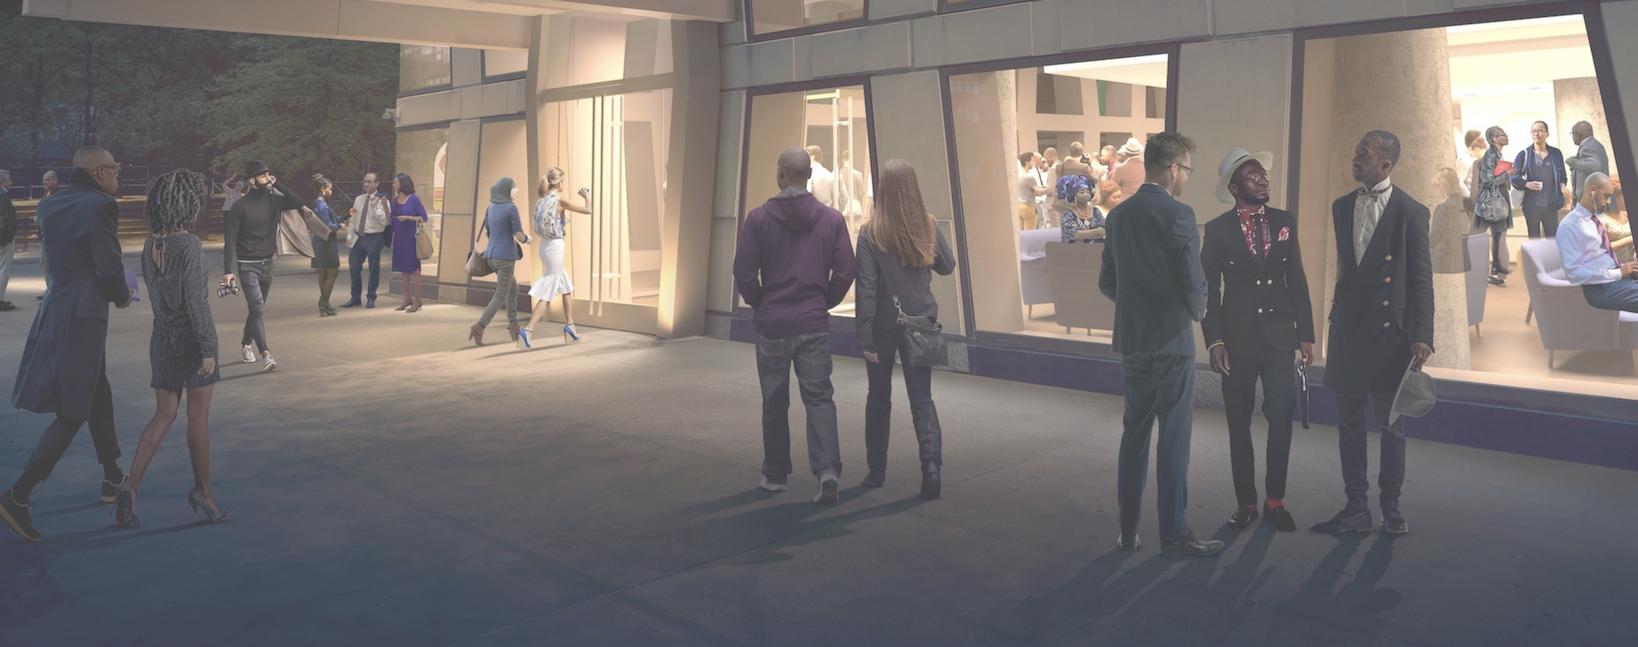 Cropped TAC entrance rendering